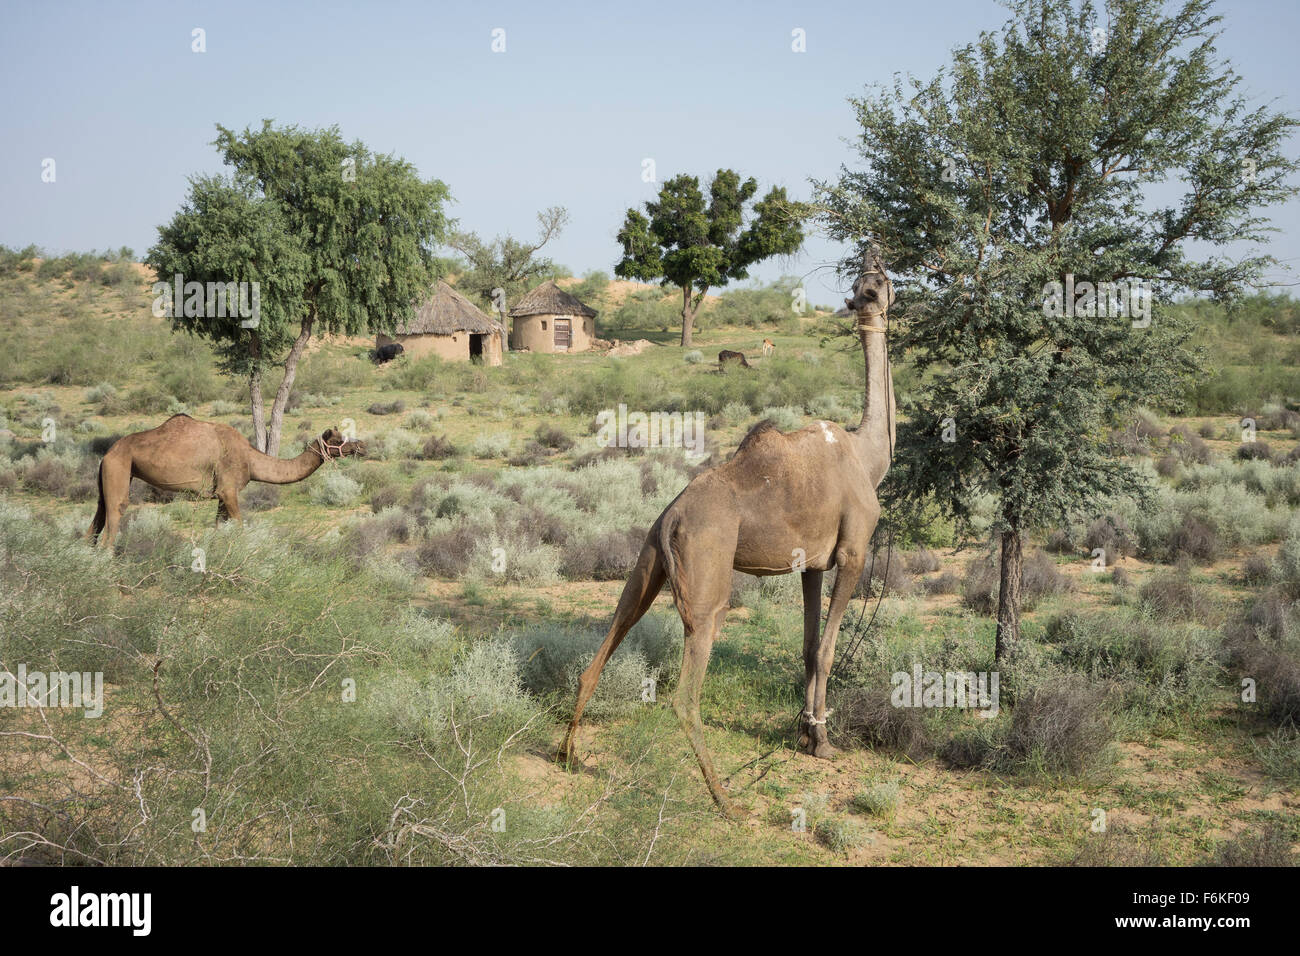 Cammelli che pascolano nella parte anteriore di una capanna nel deserto di Thar Rajasthan (India). Immagini Stock